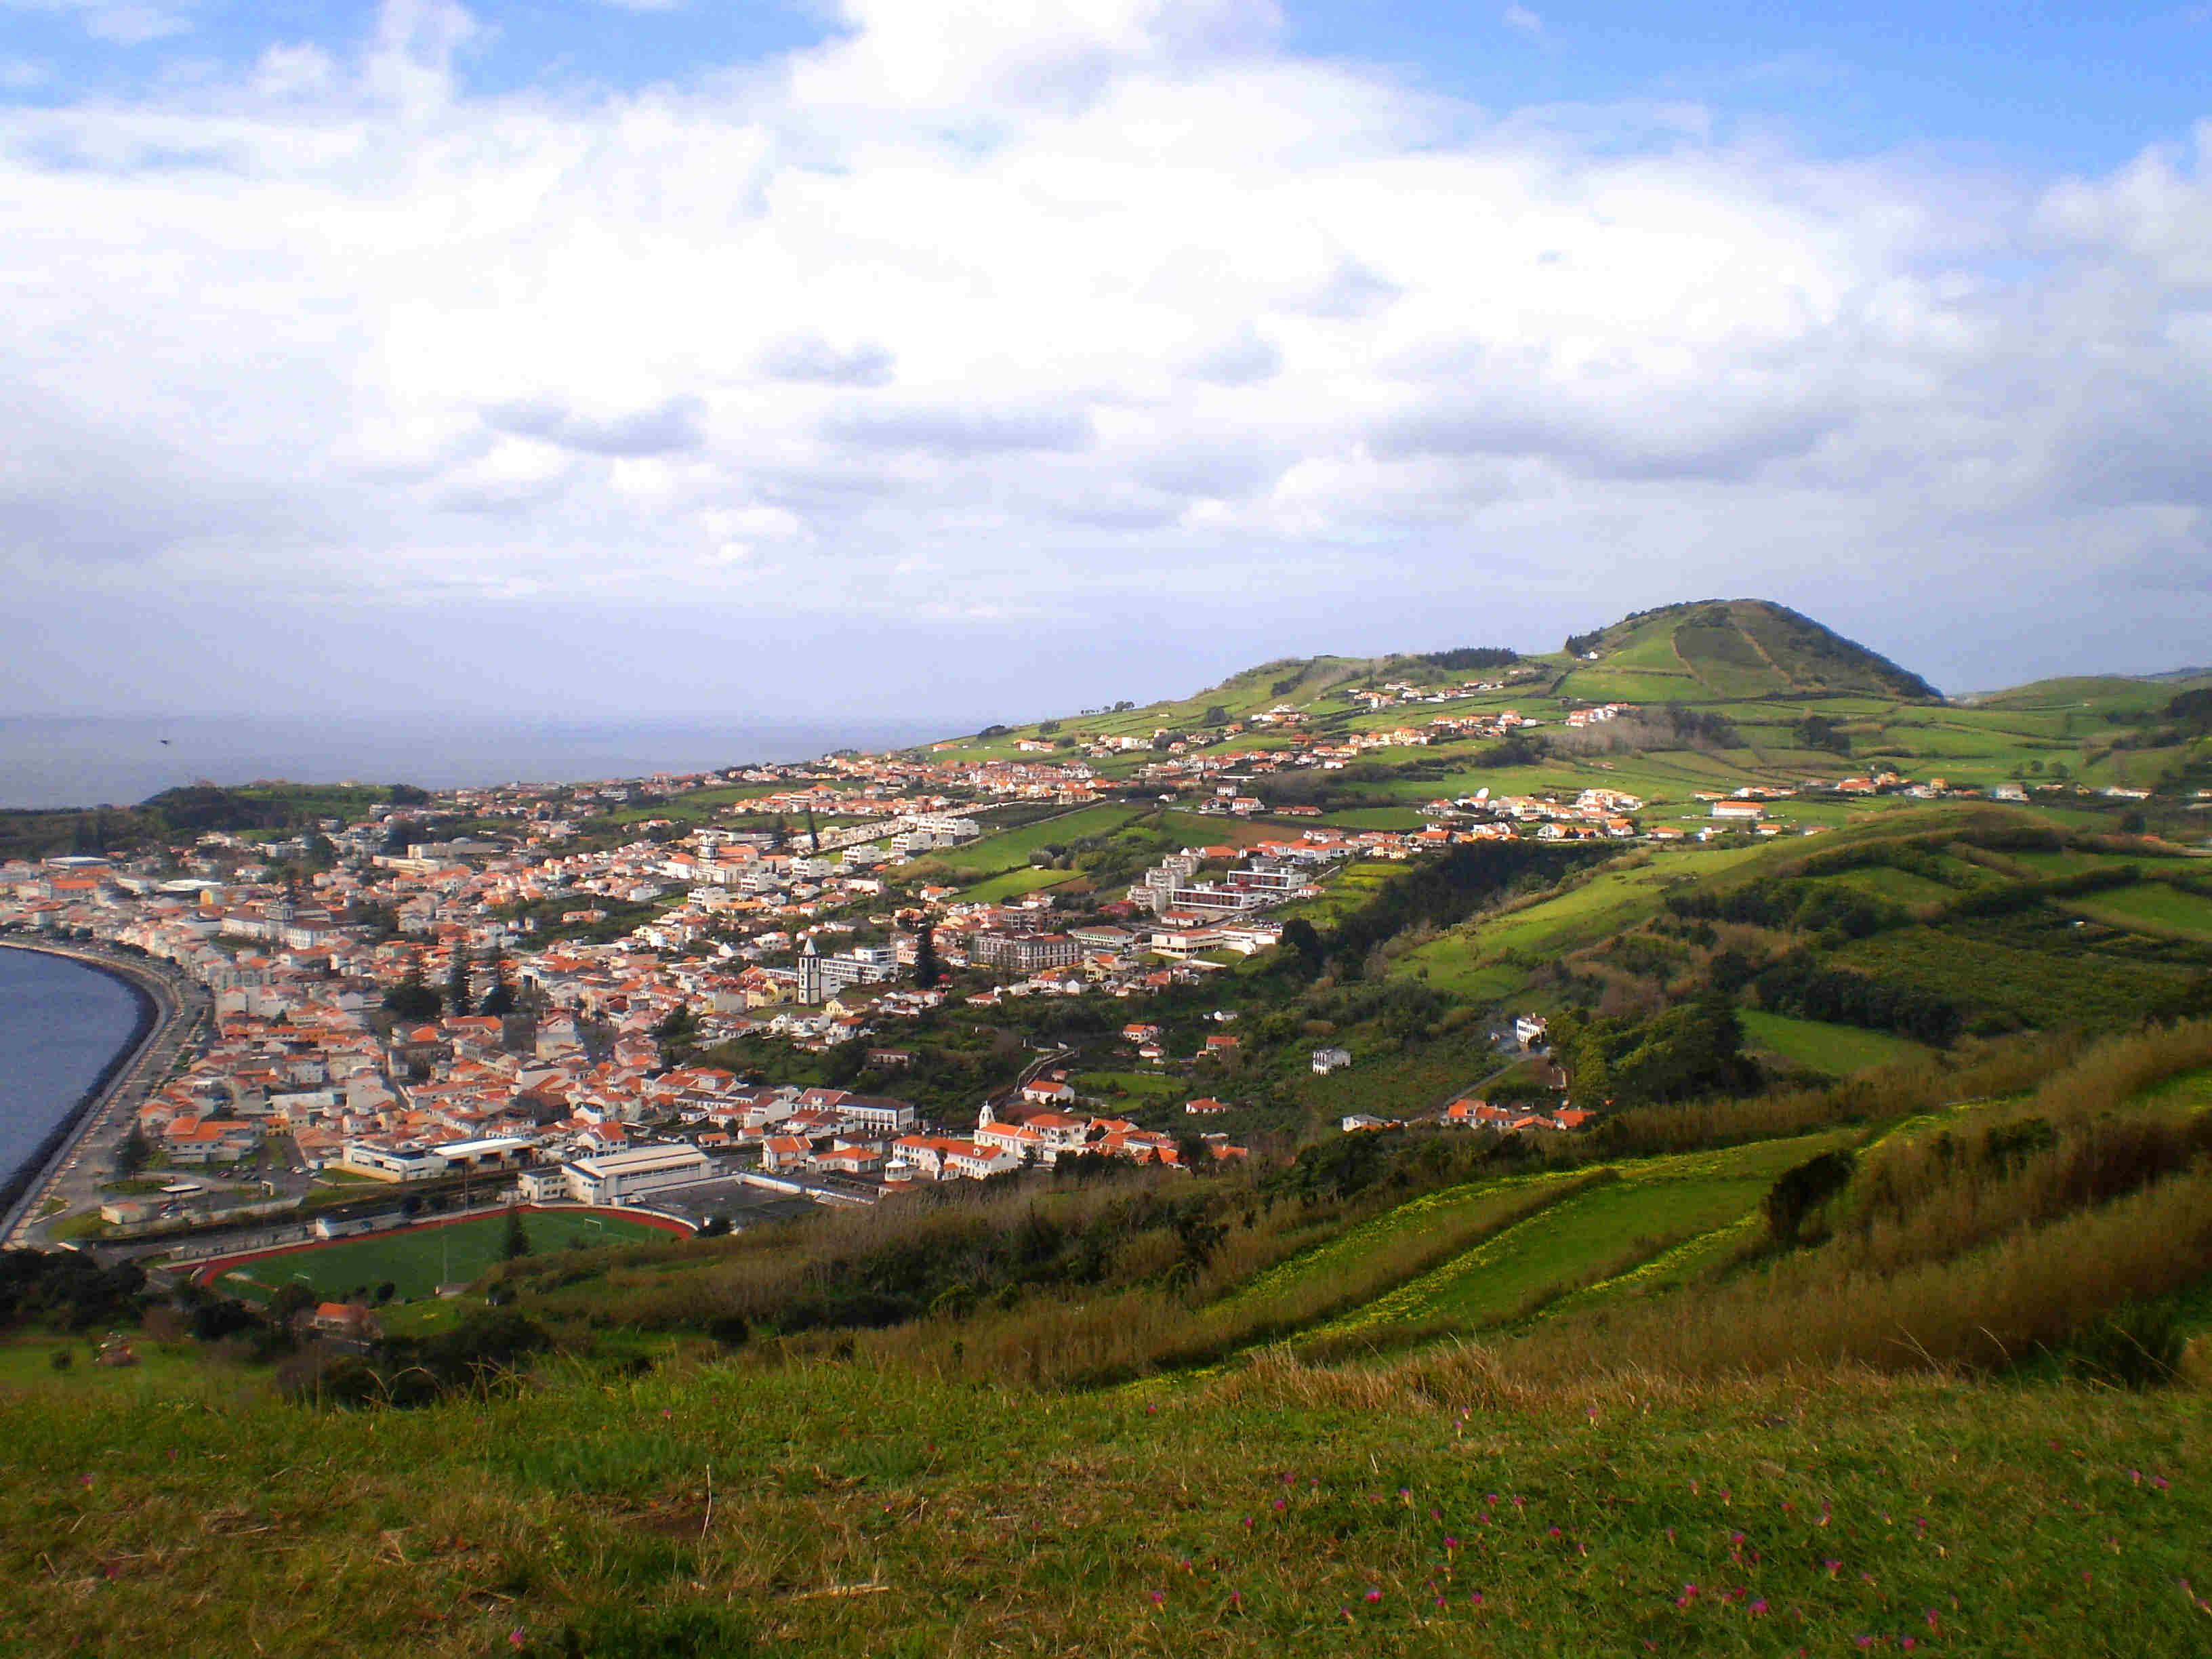 Governo Regional autoriza abertura de concurso público internacional para a construção do Matadouro do Faial